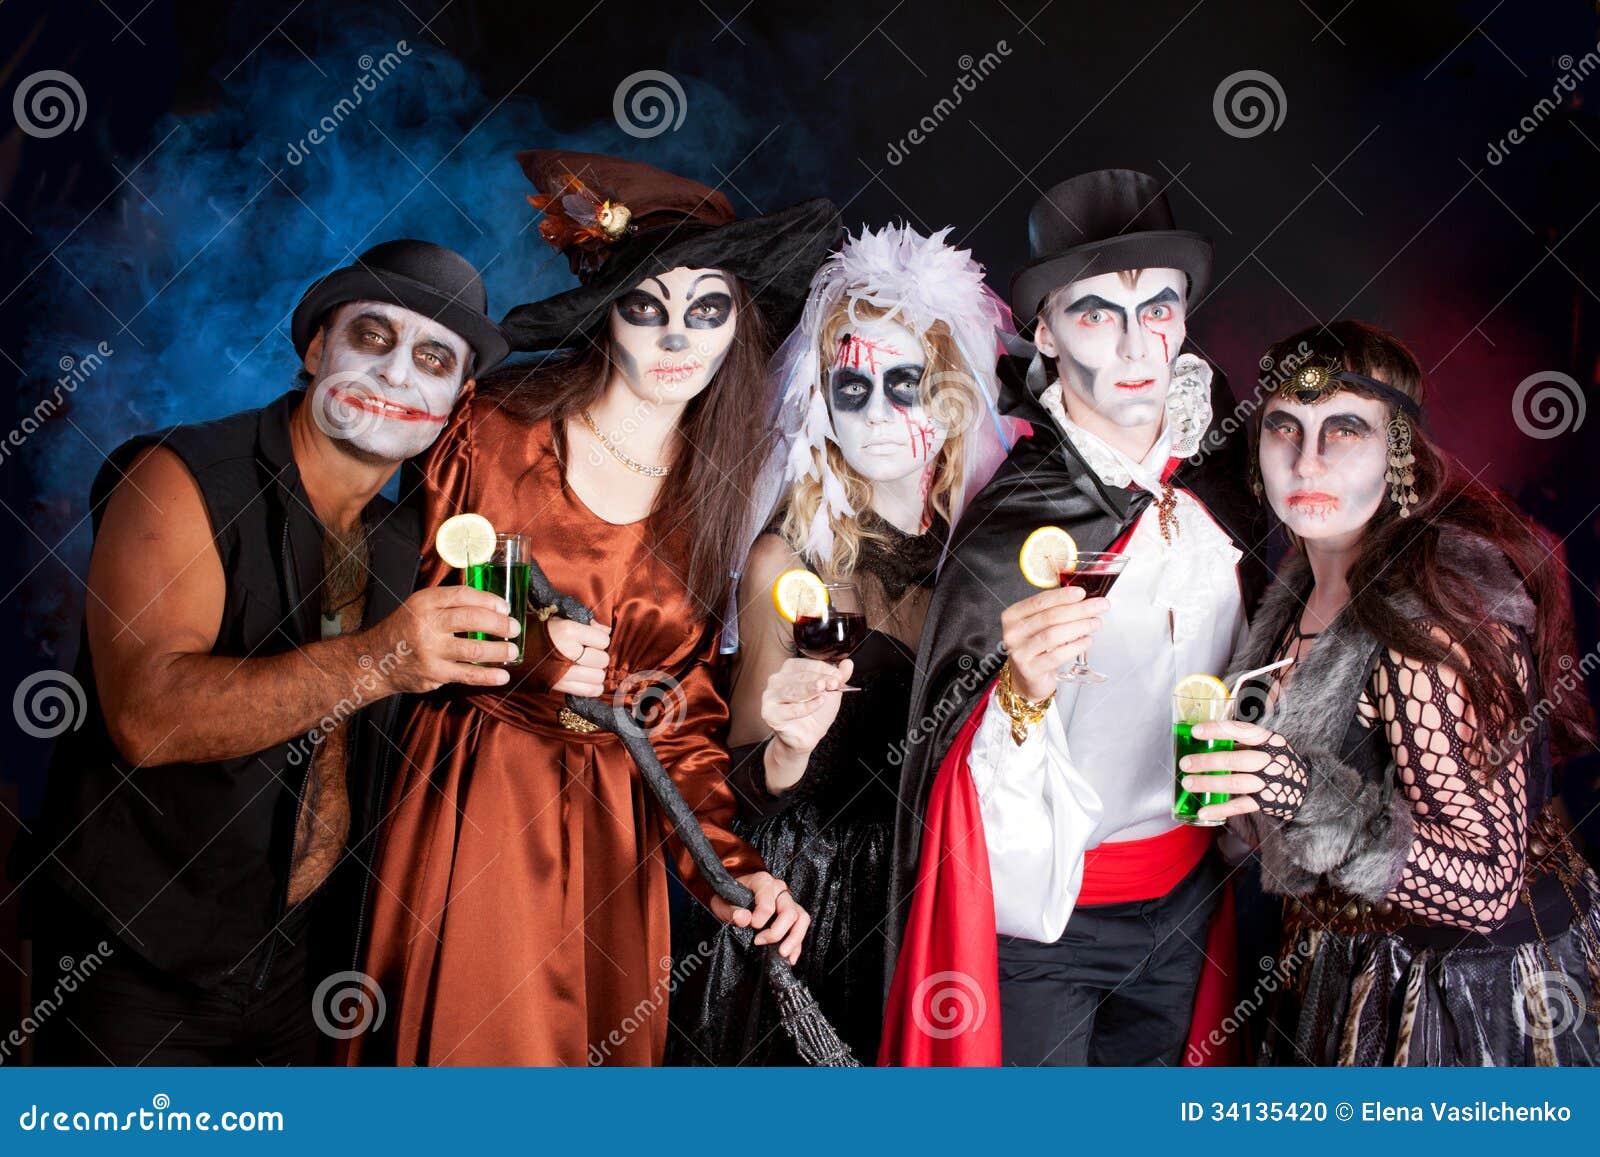 Halloween Gruppo.Gruppo Di Persone Che Durano Per Halloween Fotografia Stock